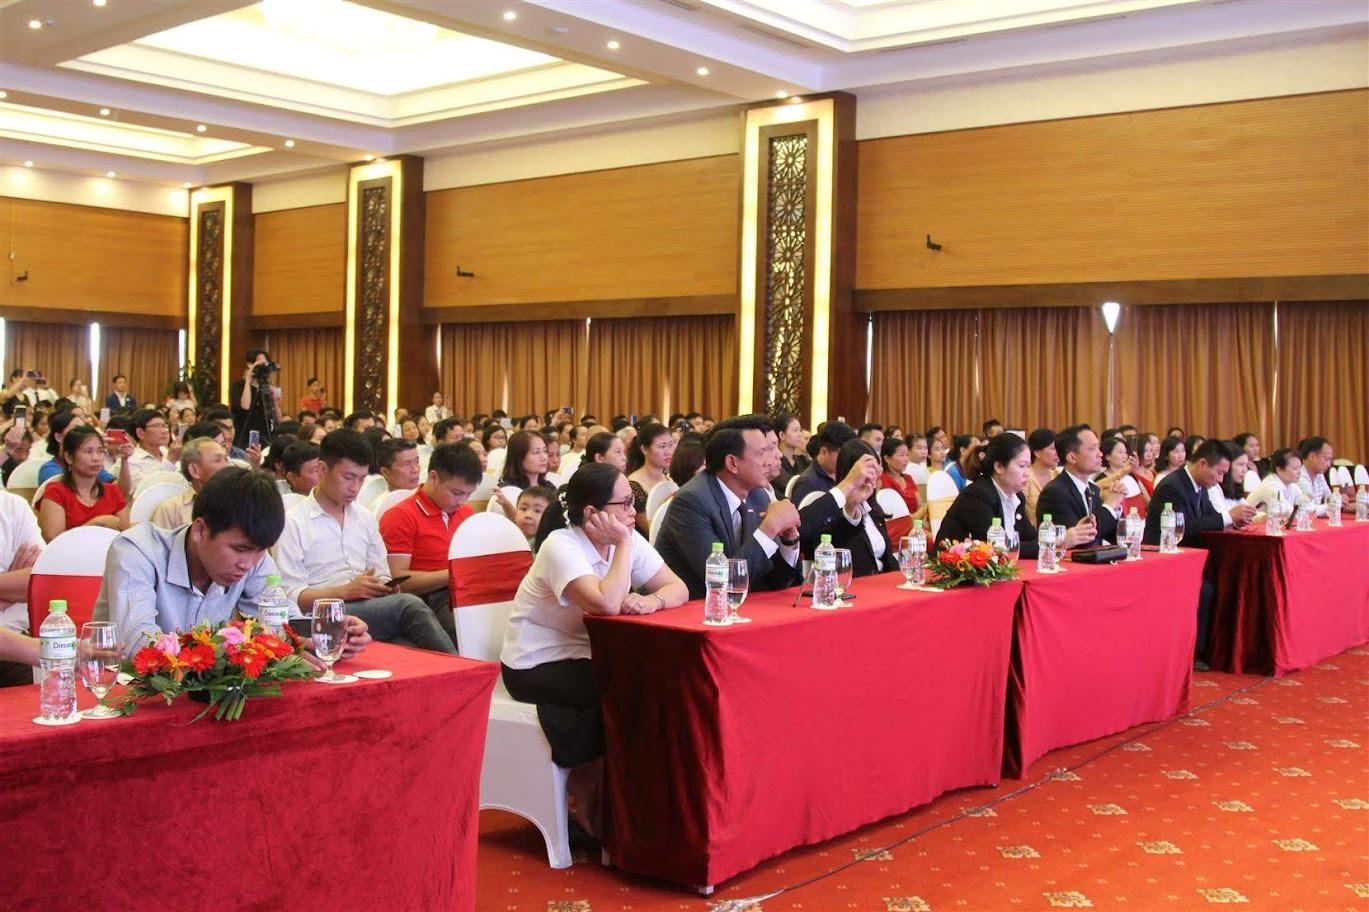 Hơn 500 đại biểu và khách hàng tham dự buổi lễ